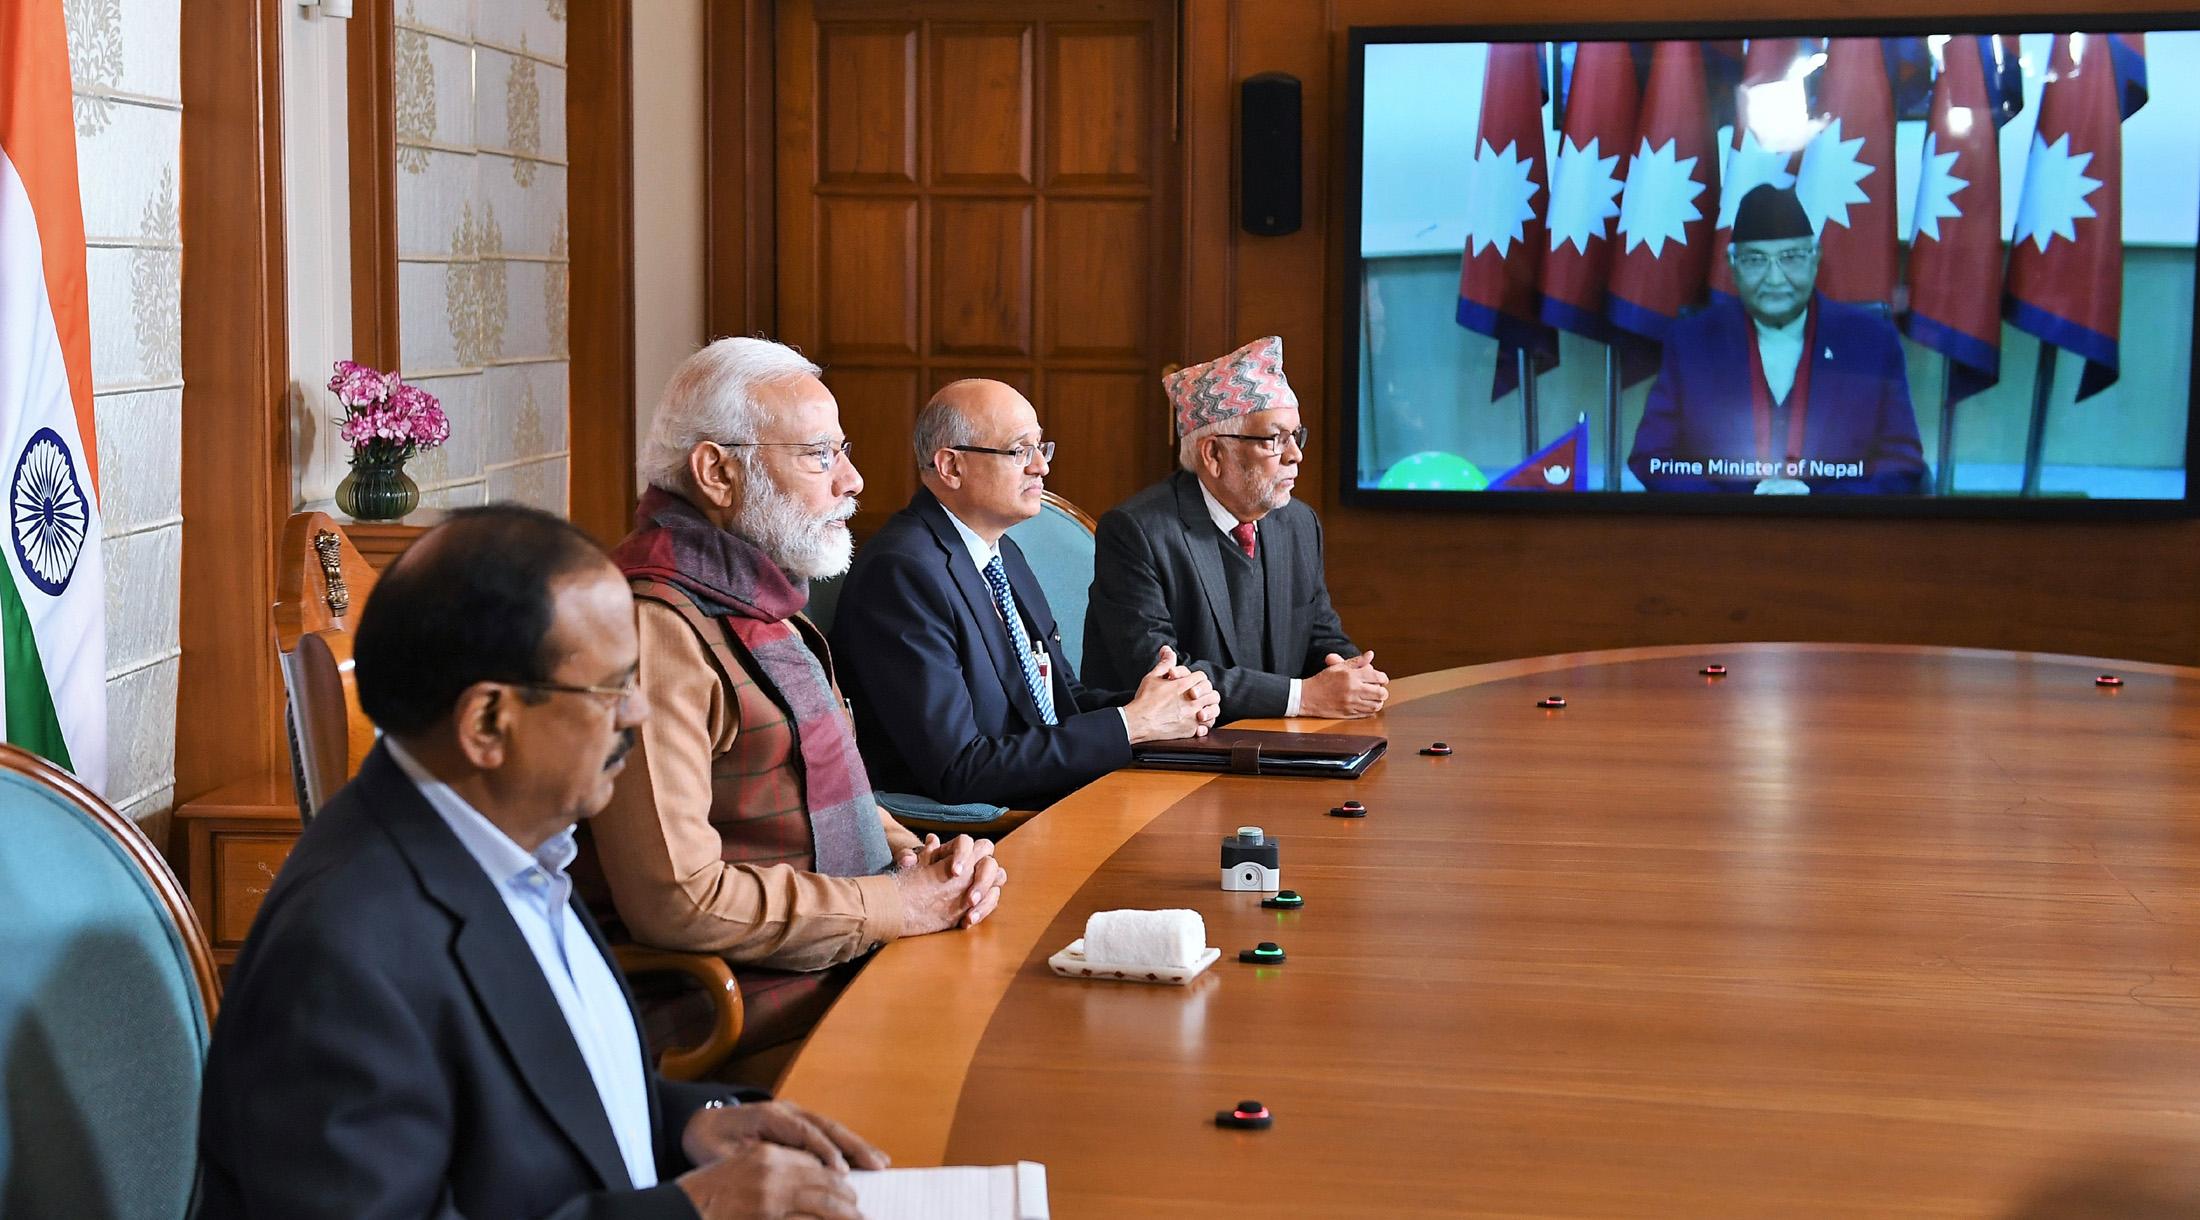 PM and PM of Nepal K P Sharma Oli jointly Inaugurate Integrated Check Post at Jogbani-Biratnagar